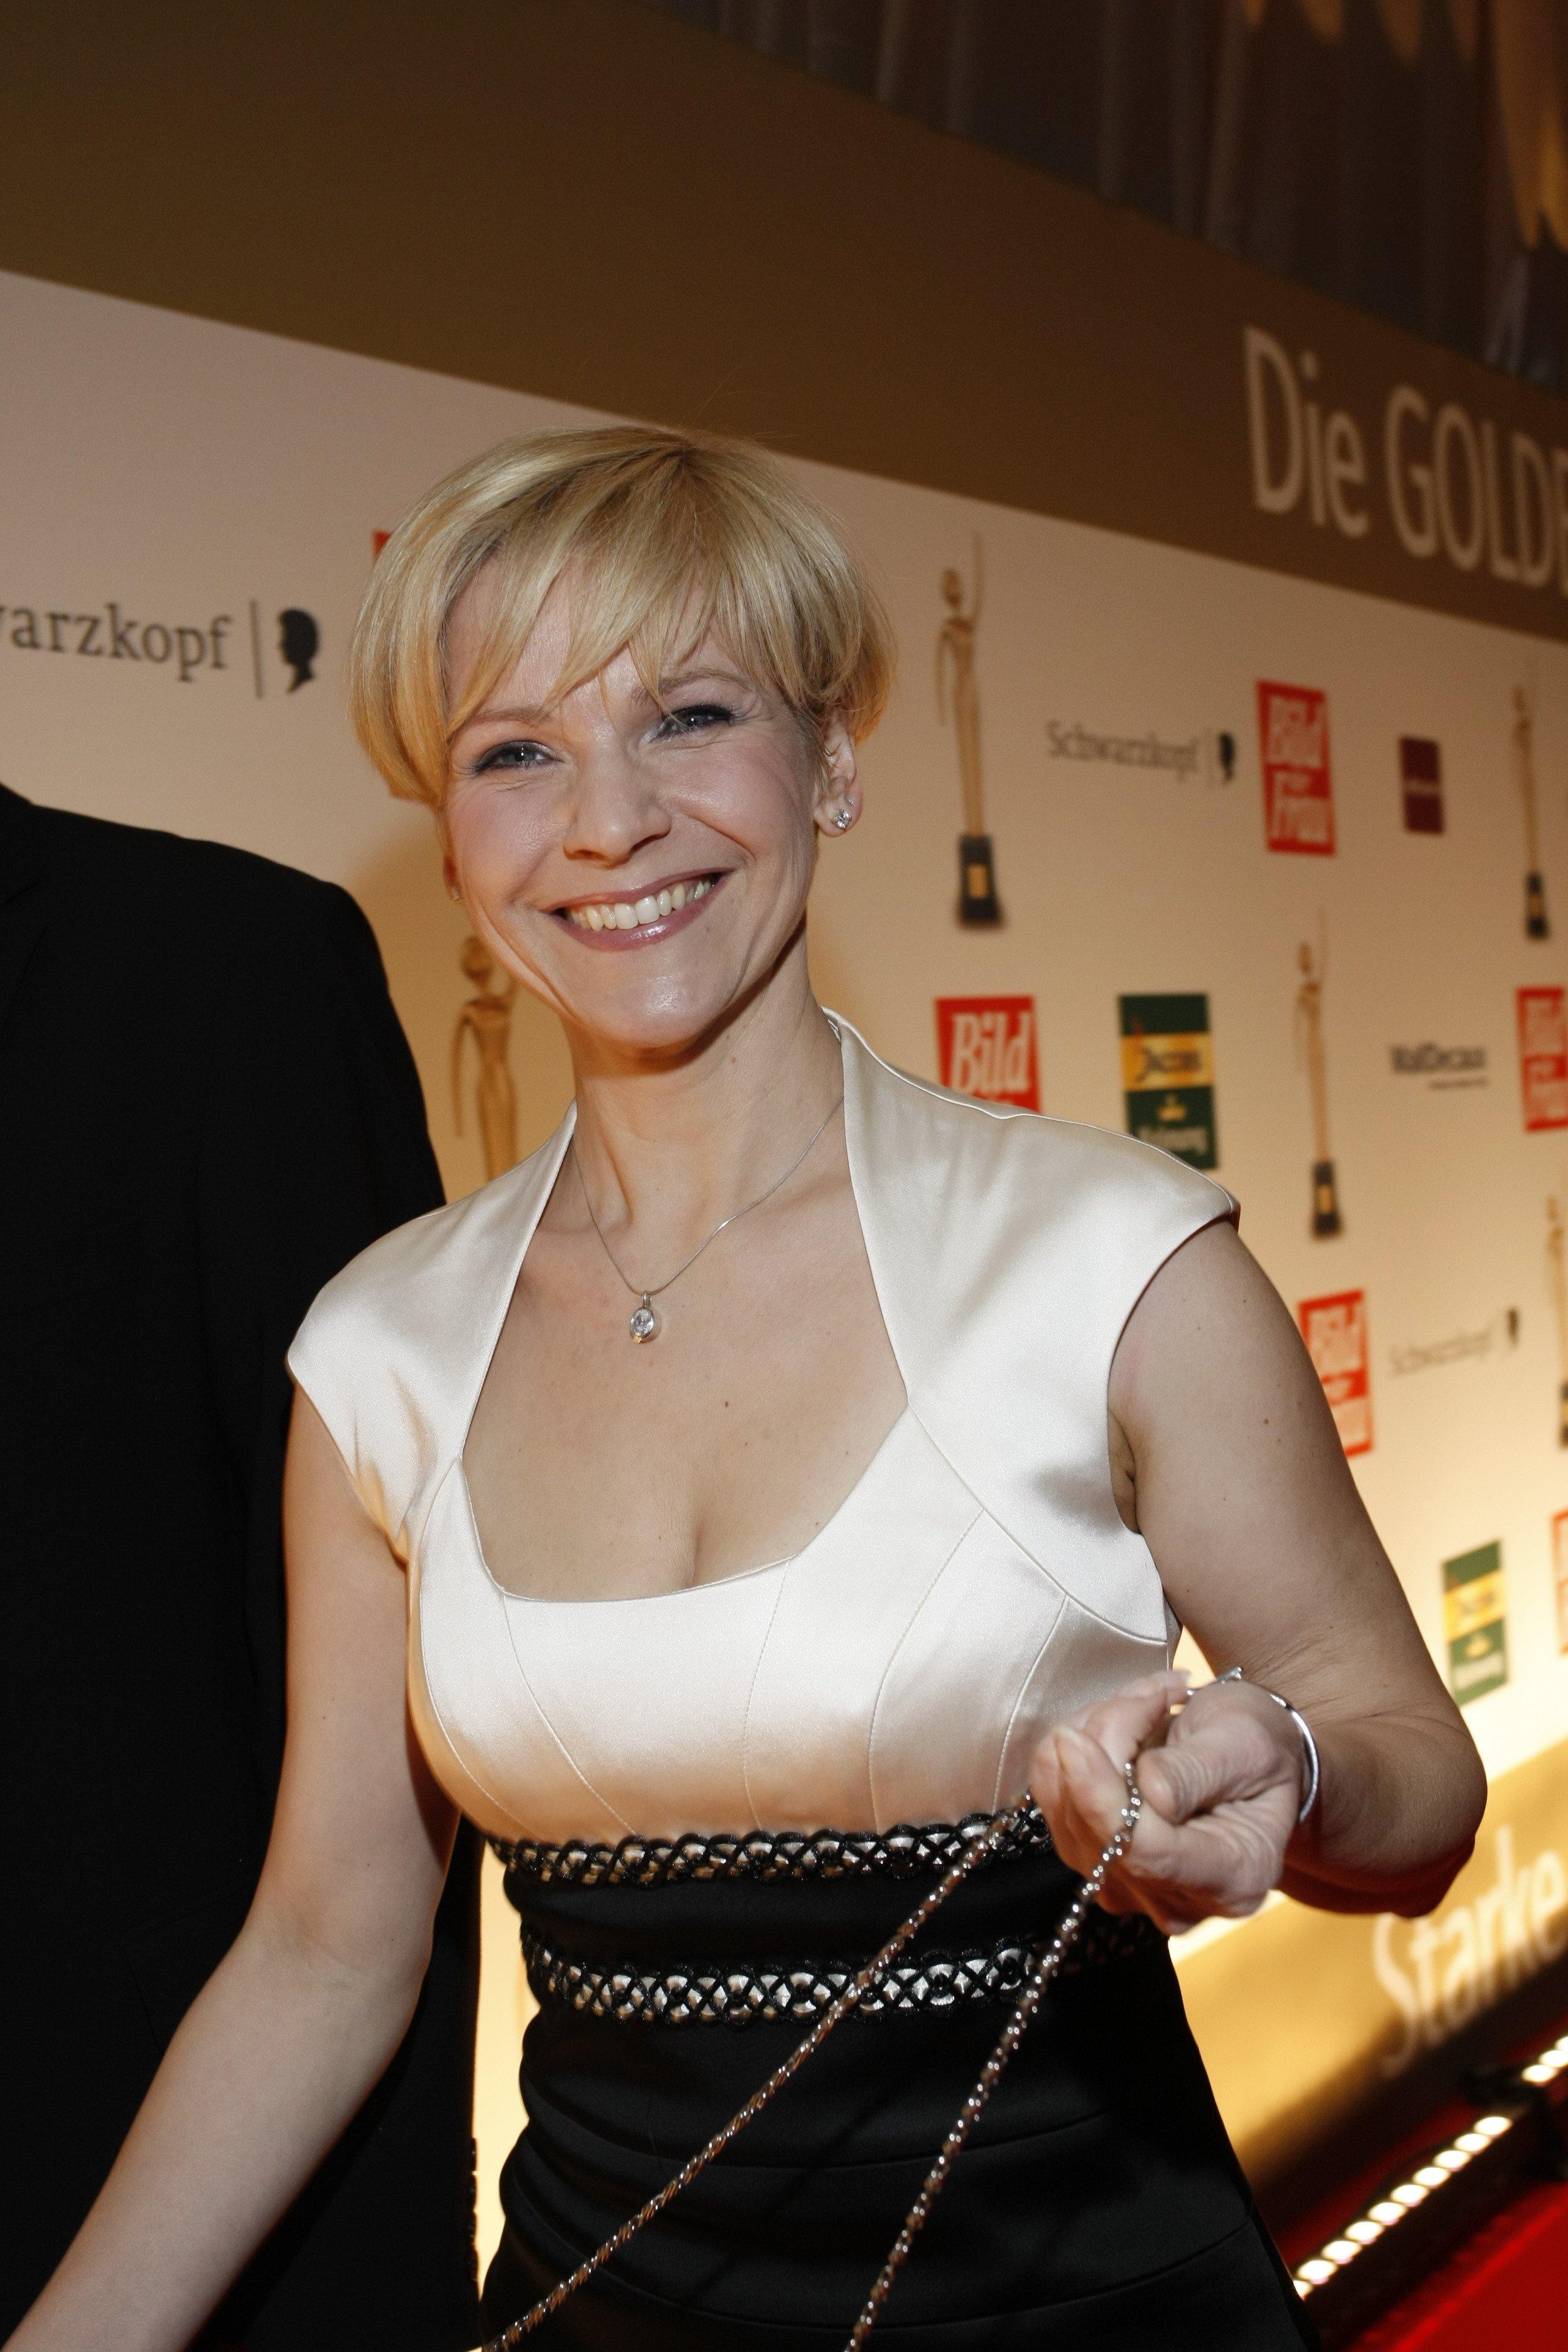 Andrea Kathrin Loewig